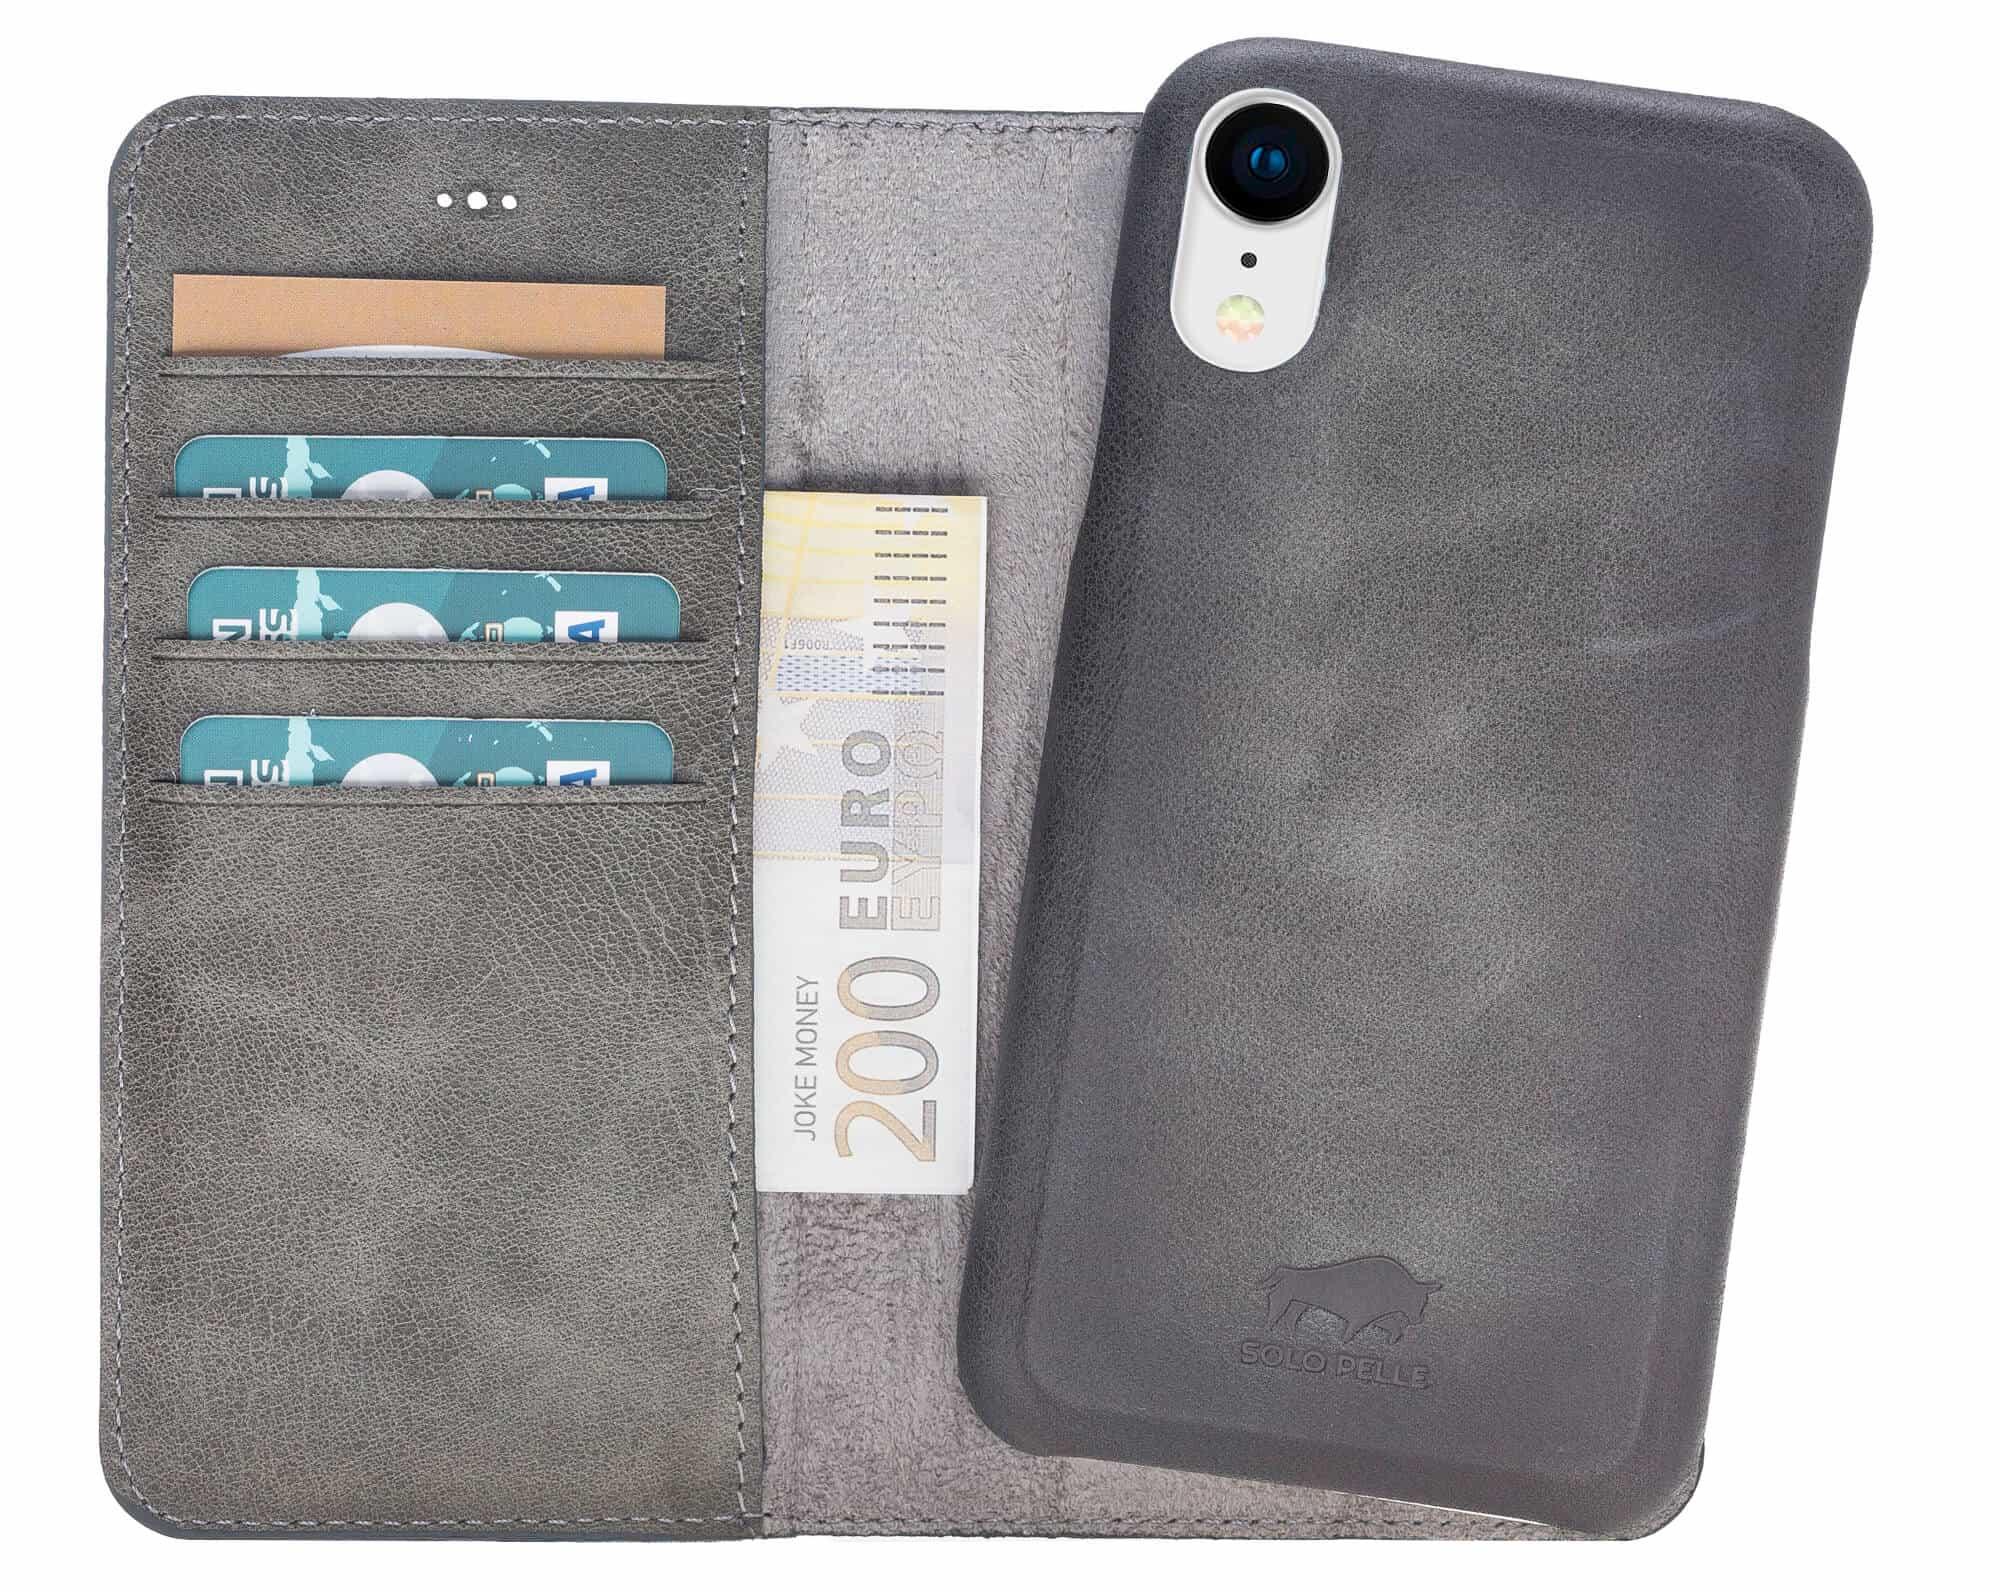 """iPhone XR 6.1 Zoll Abnehmbare Lederhülle """"Clemson"""" in Steingrau Burned inkl. Kartenfächer für Das original iPhone XR 6.1 Zoll"""